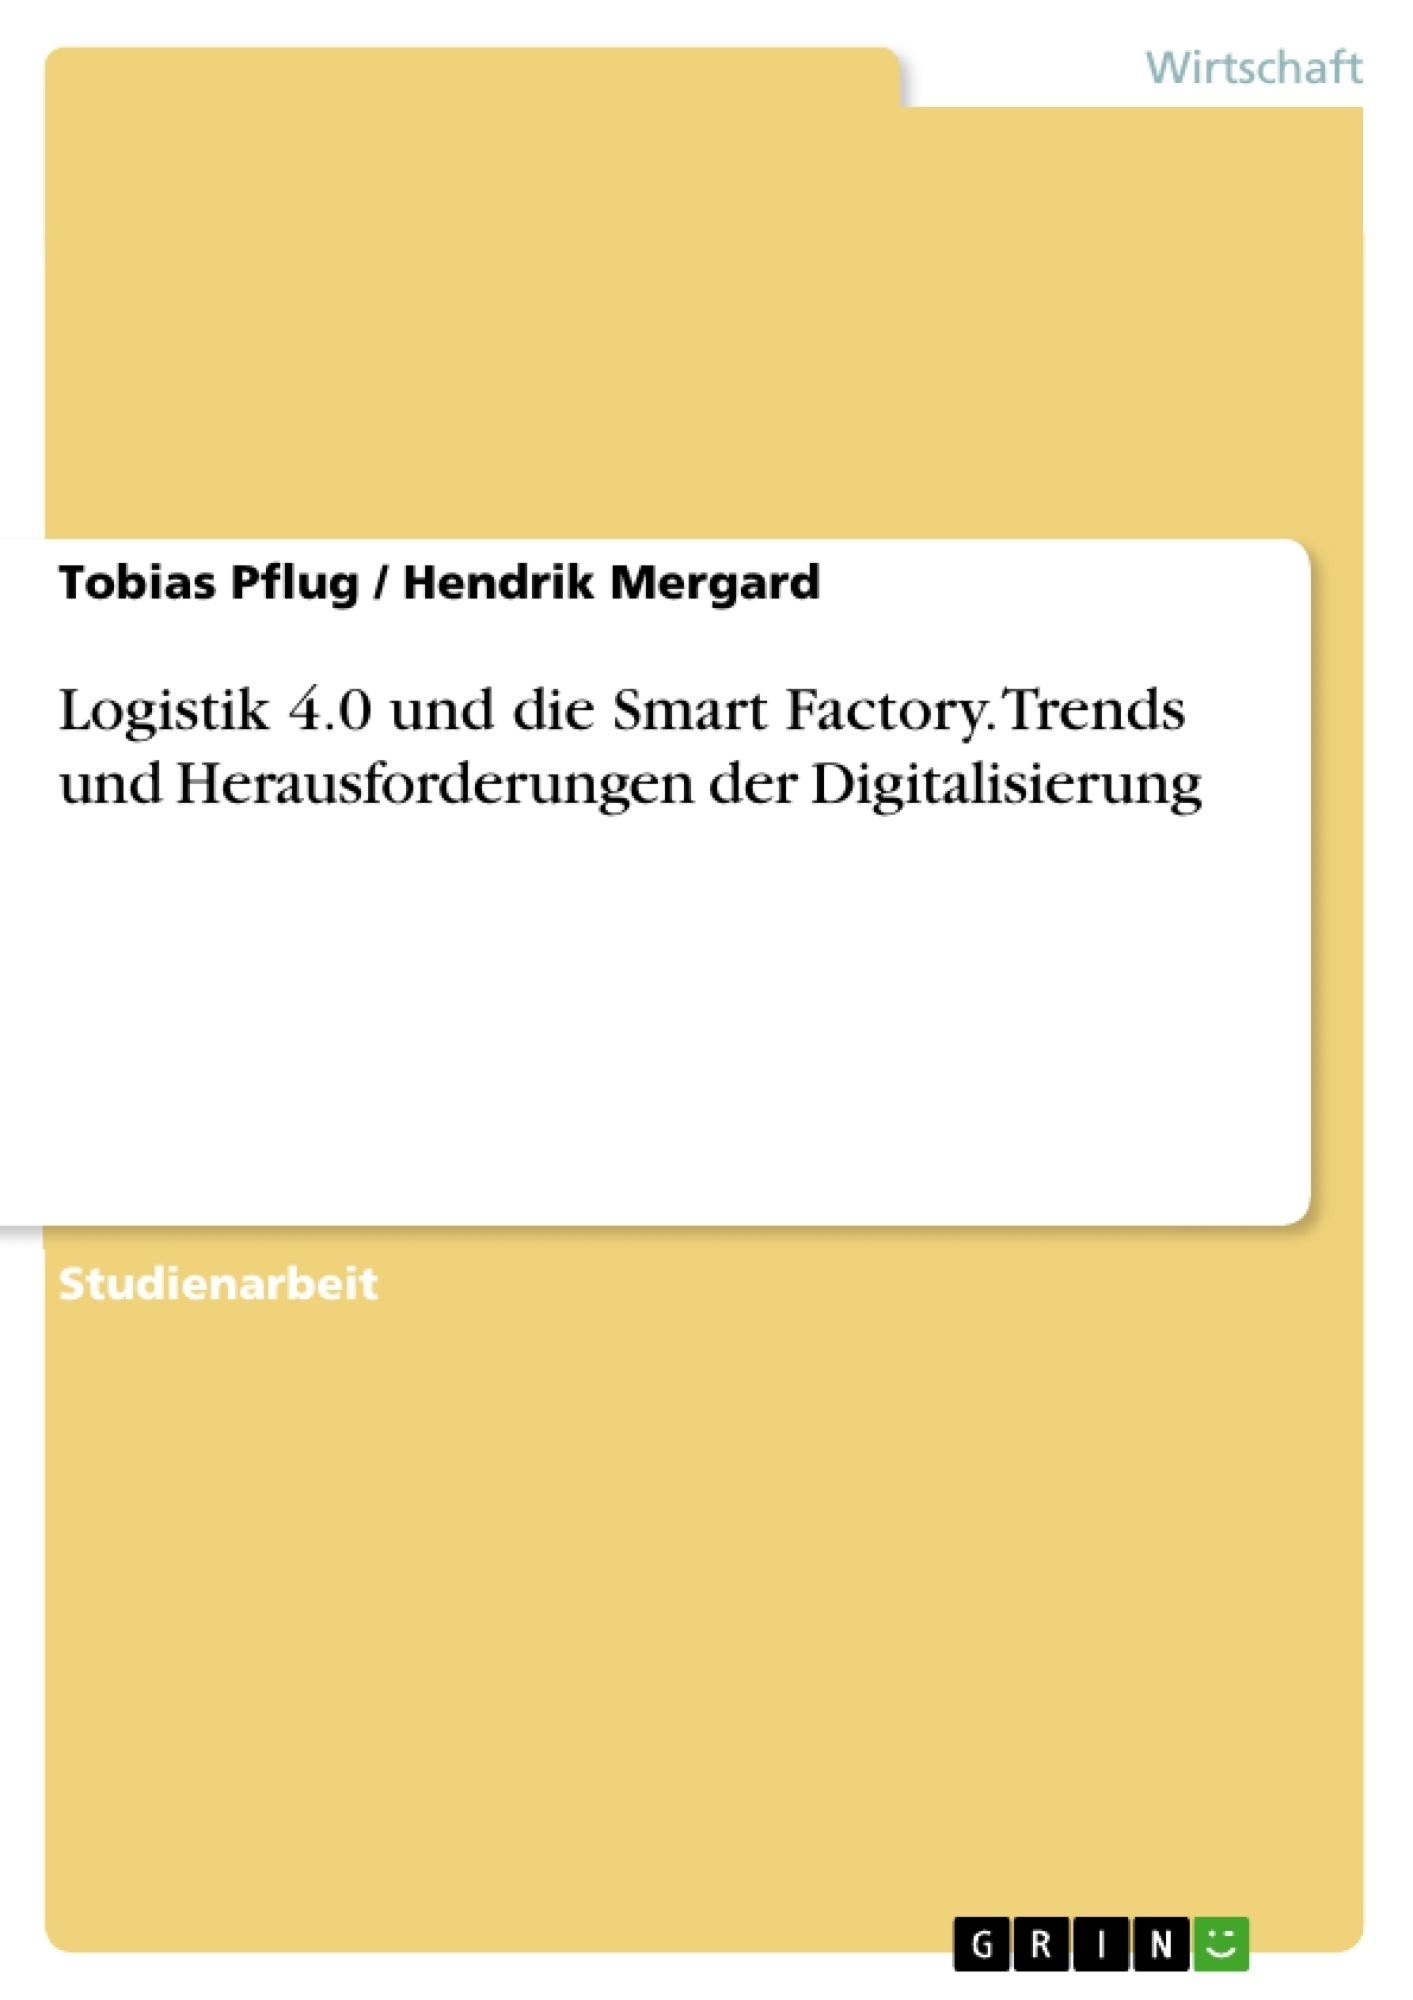 Titel: Logistik 4.0 und die Smart Factory. Trends und Herausforderungen der Digitalisierung